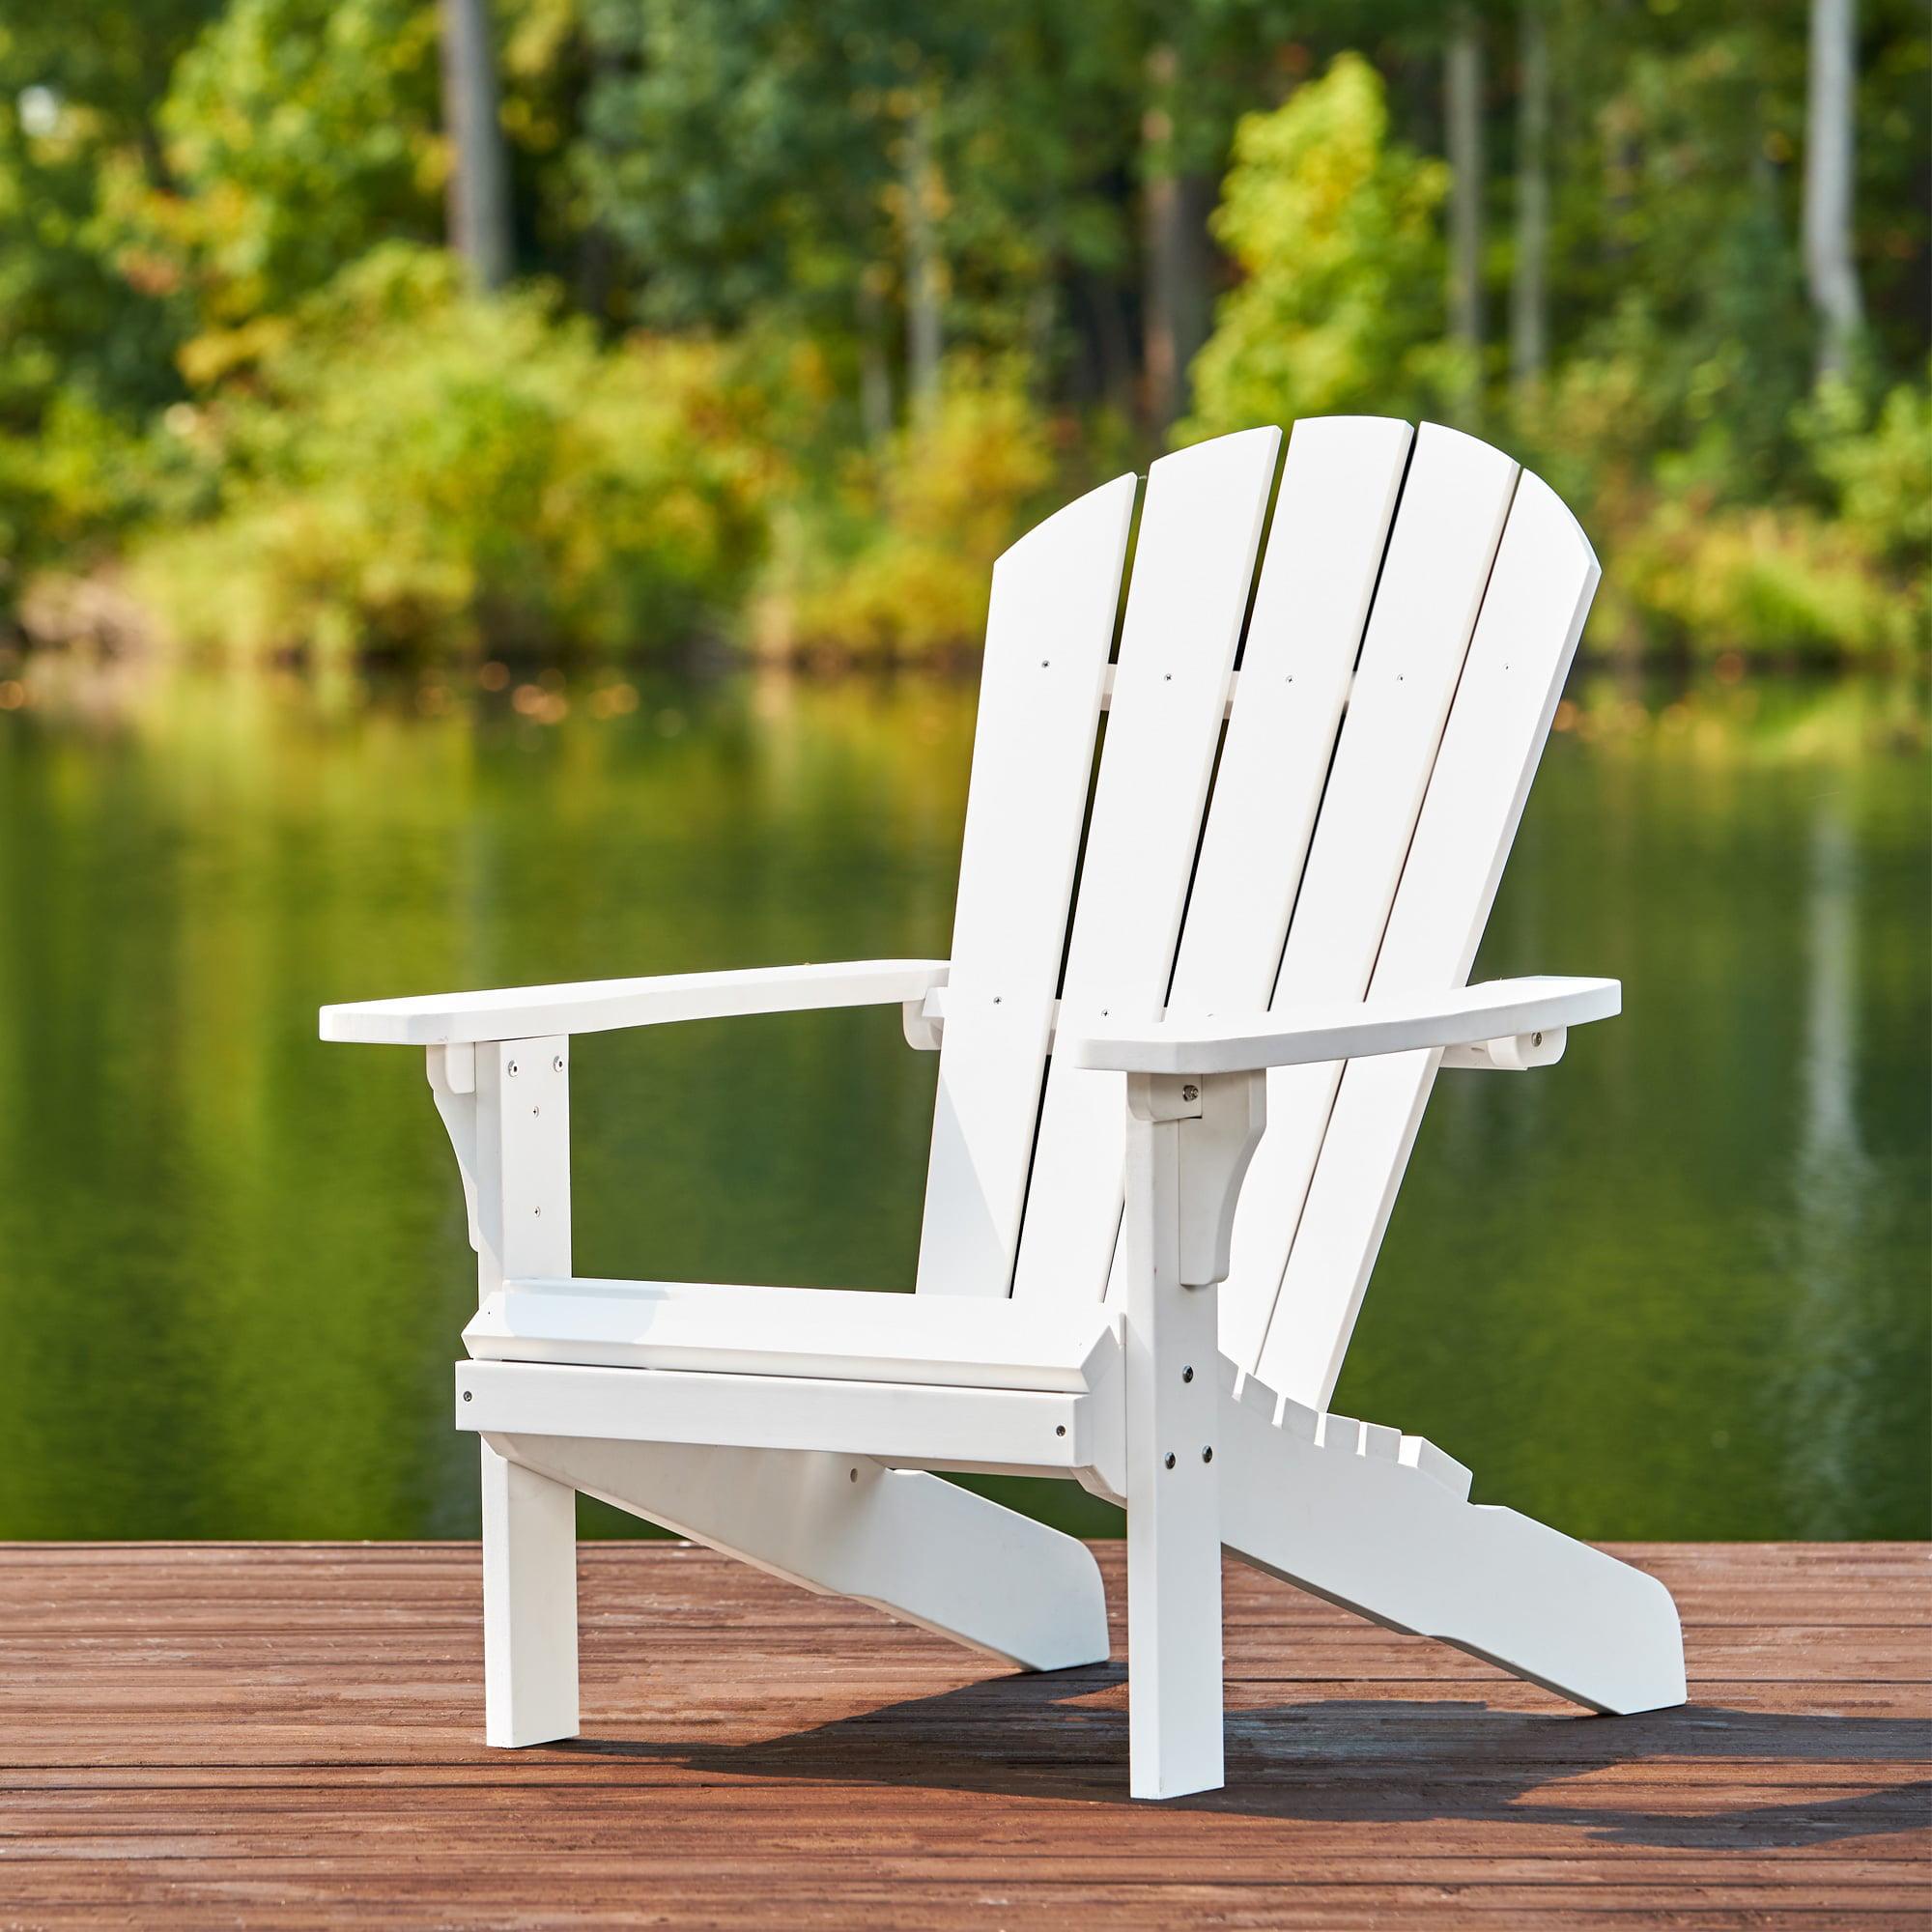 Shine Company Royal Palm Plastic Adirondack Chair White by Shine Company